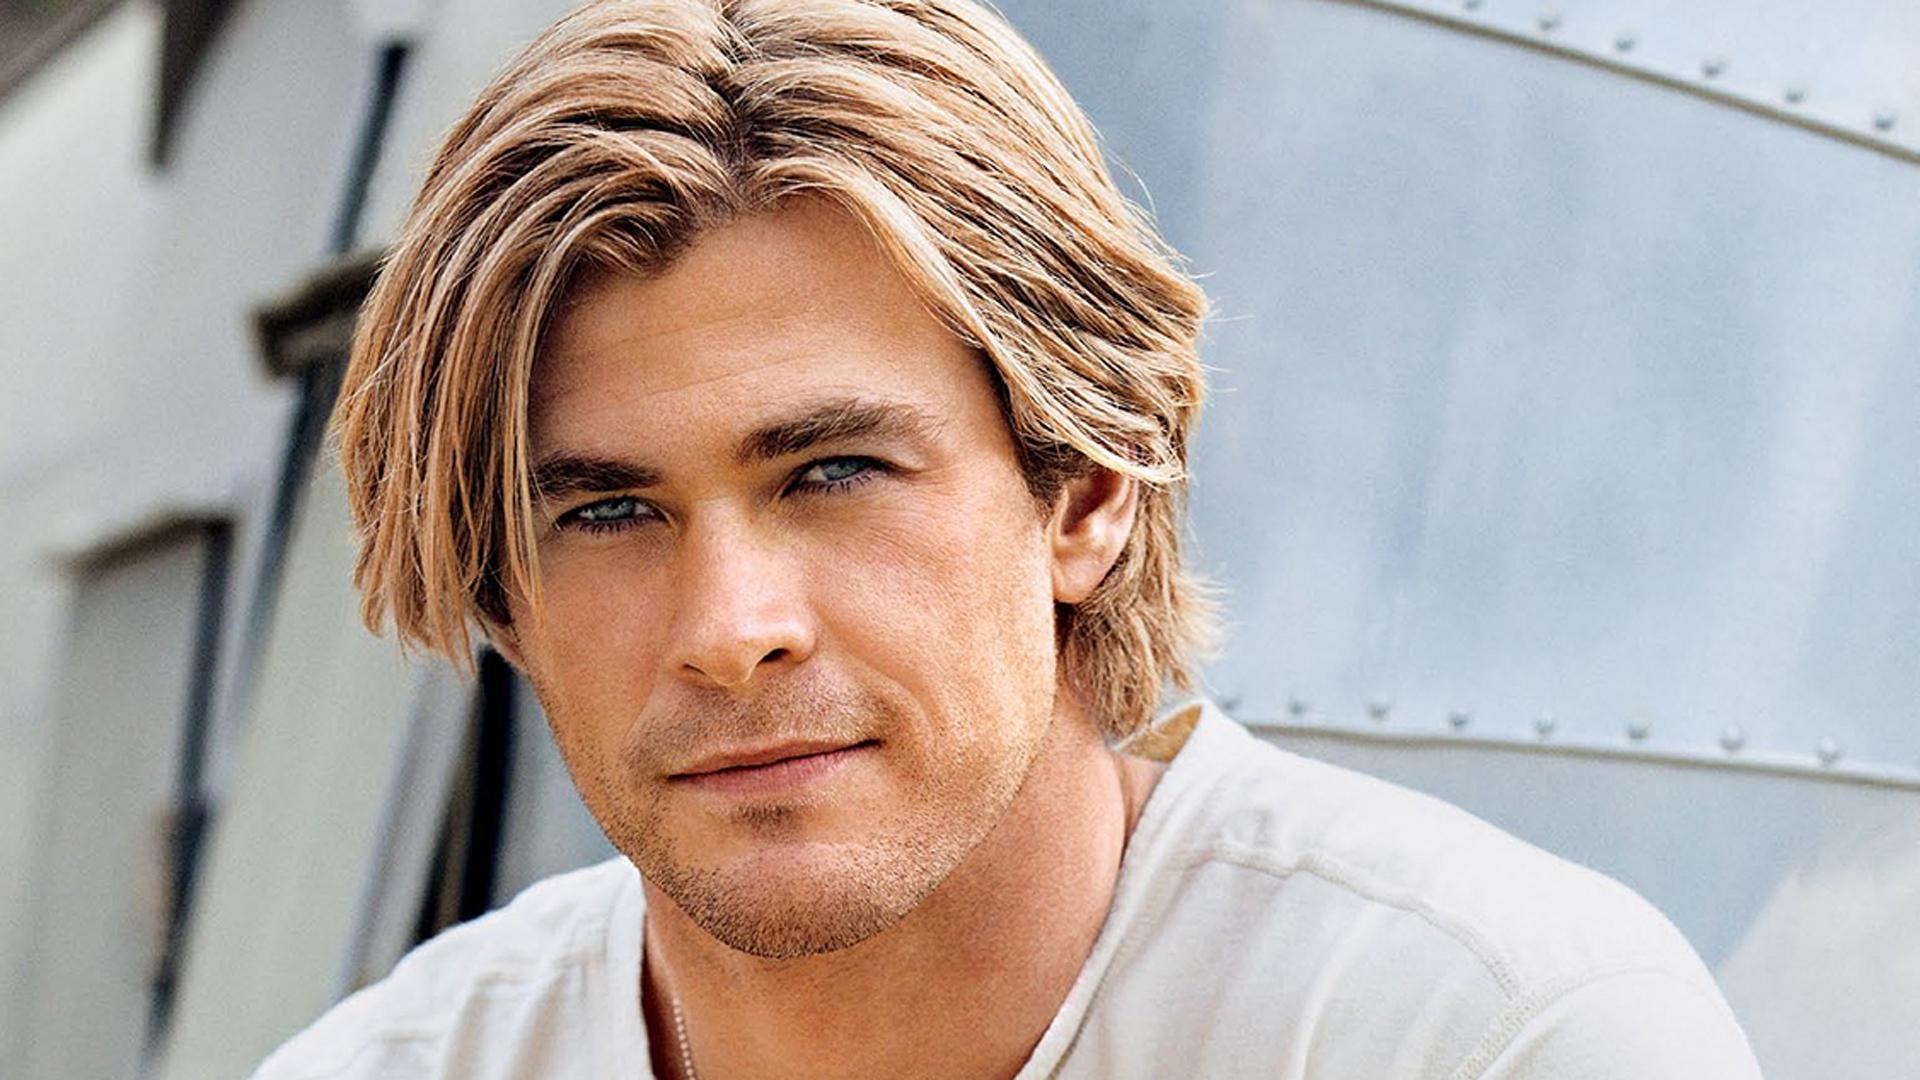 Idées Coiffures pour Hommes Blonds